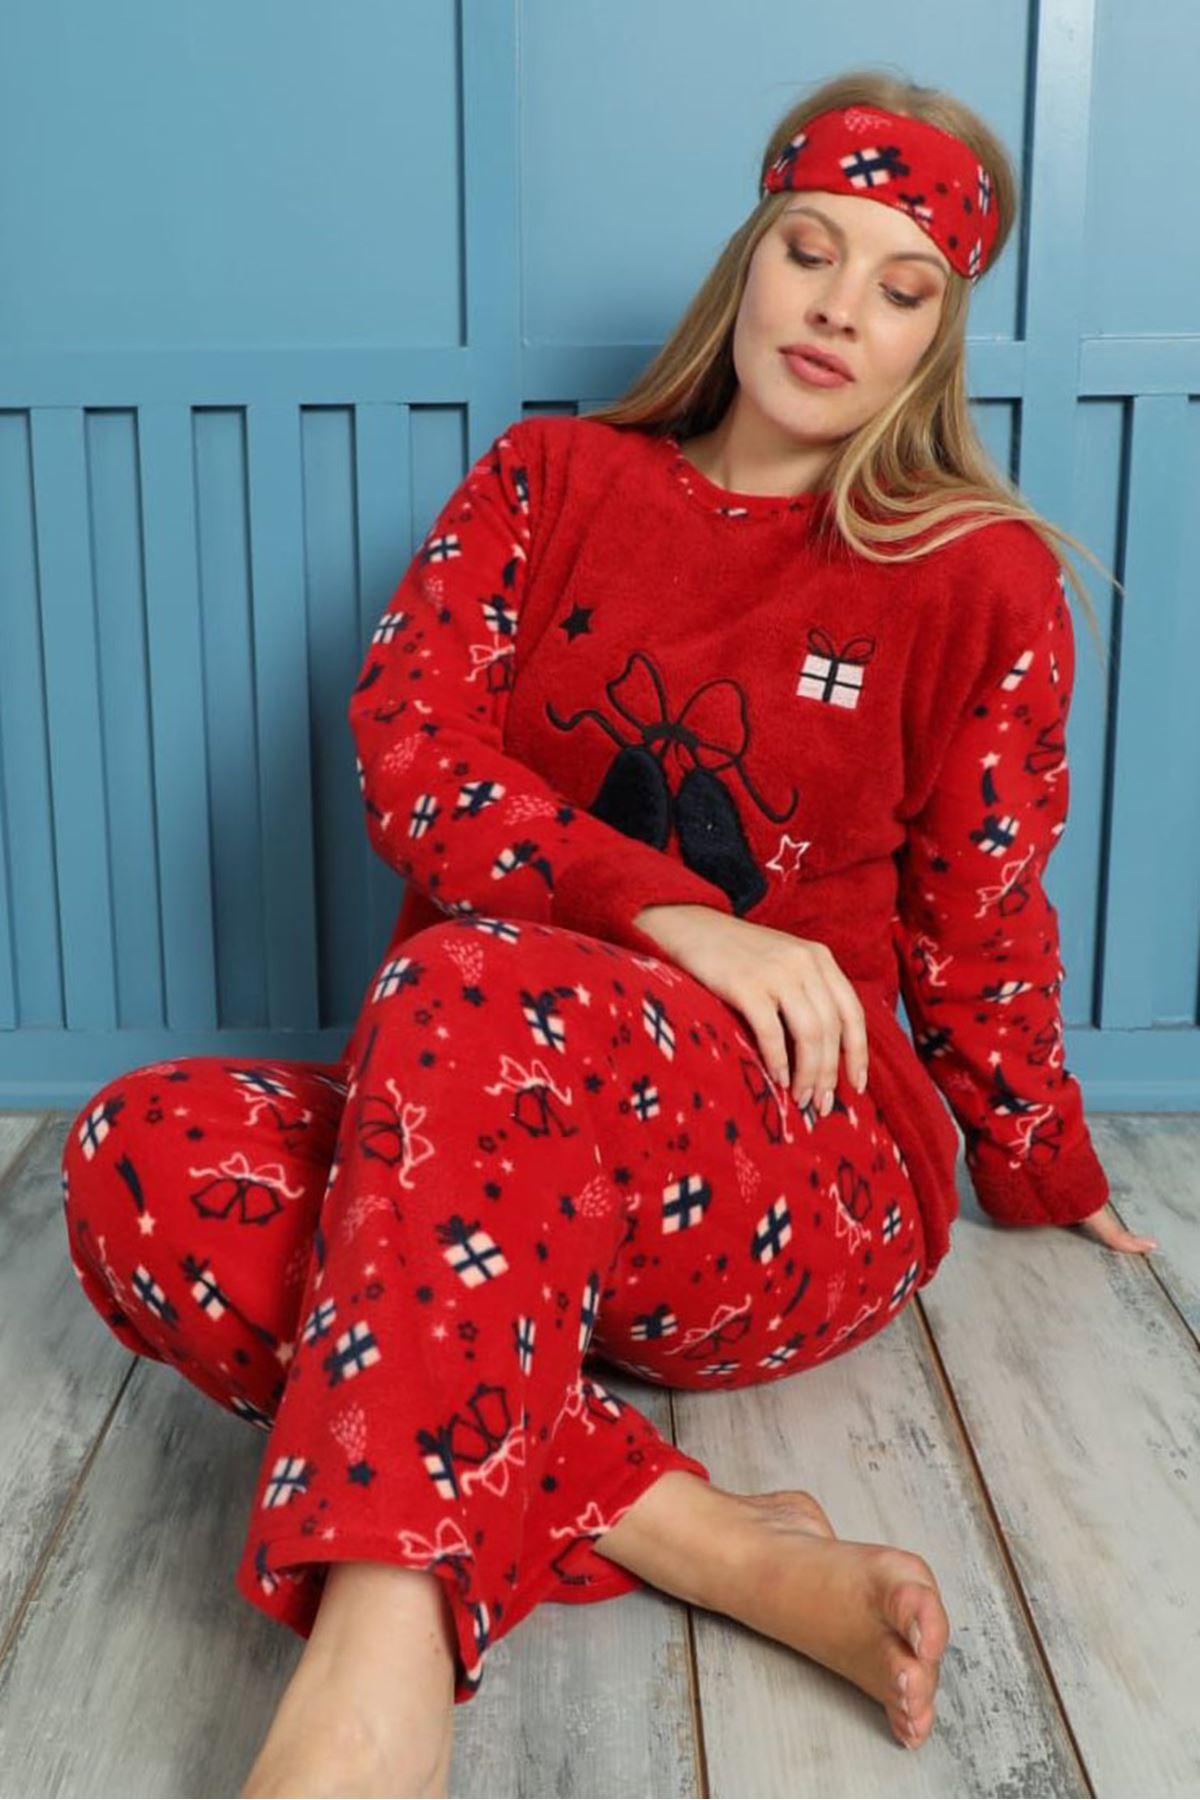 Welsoft Polar Büyük Beden Pijama Takımı 26B-1858